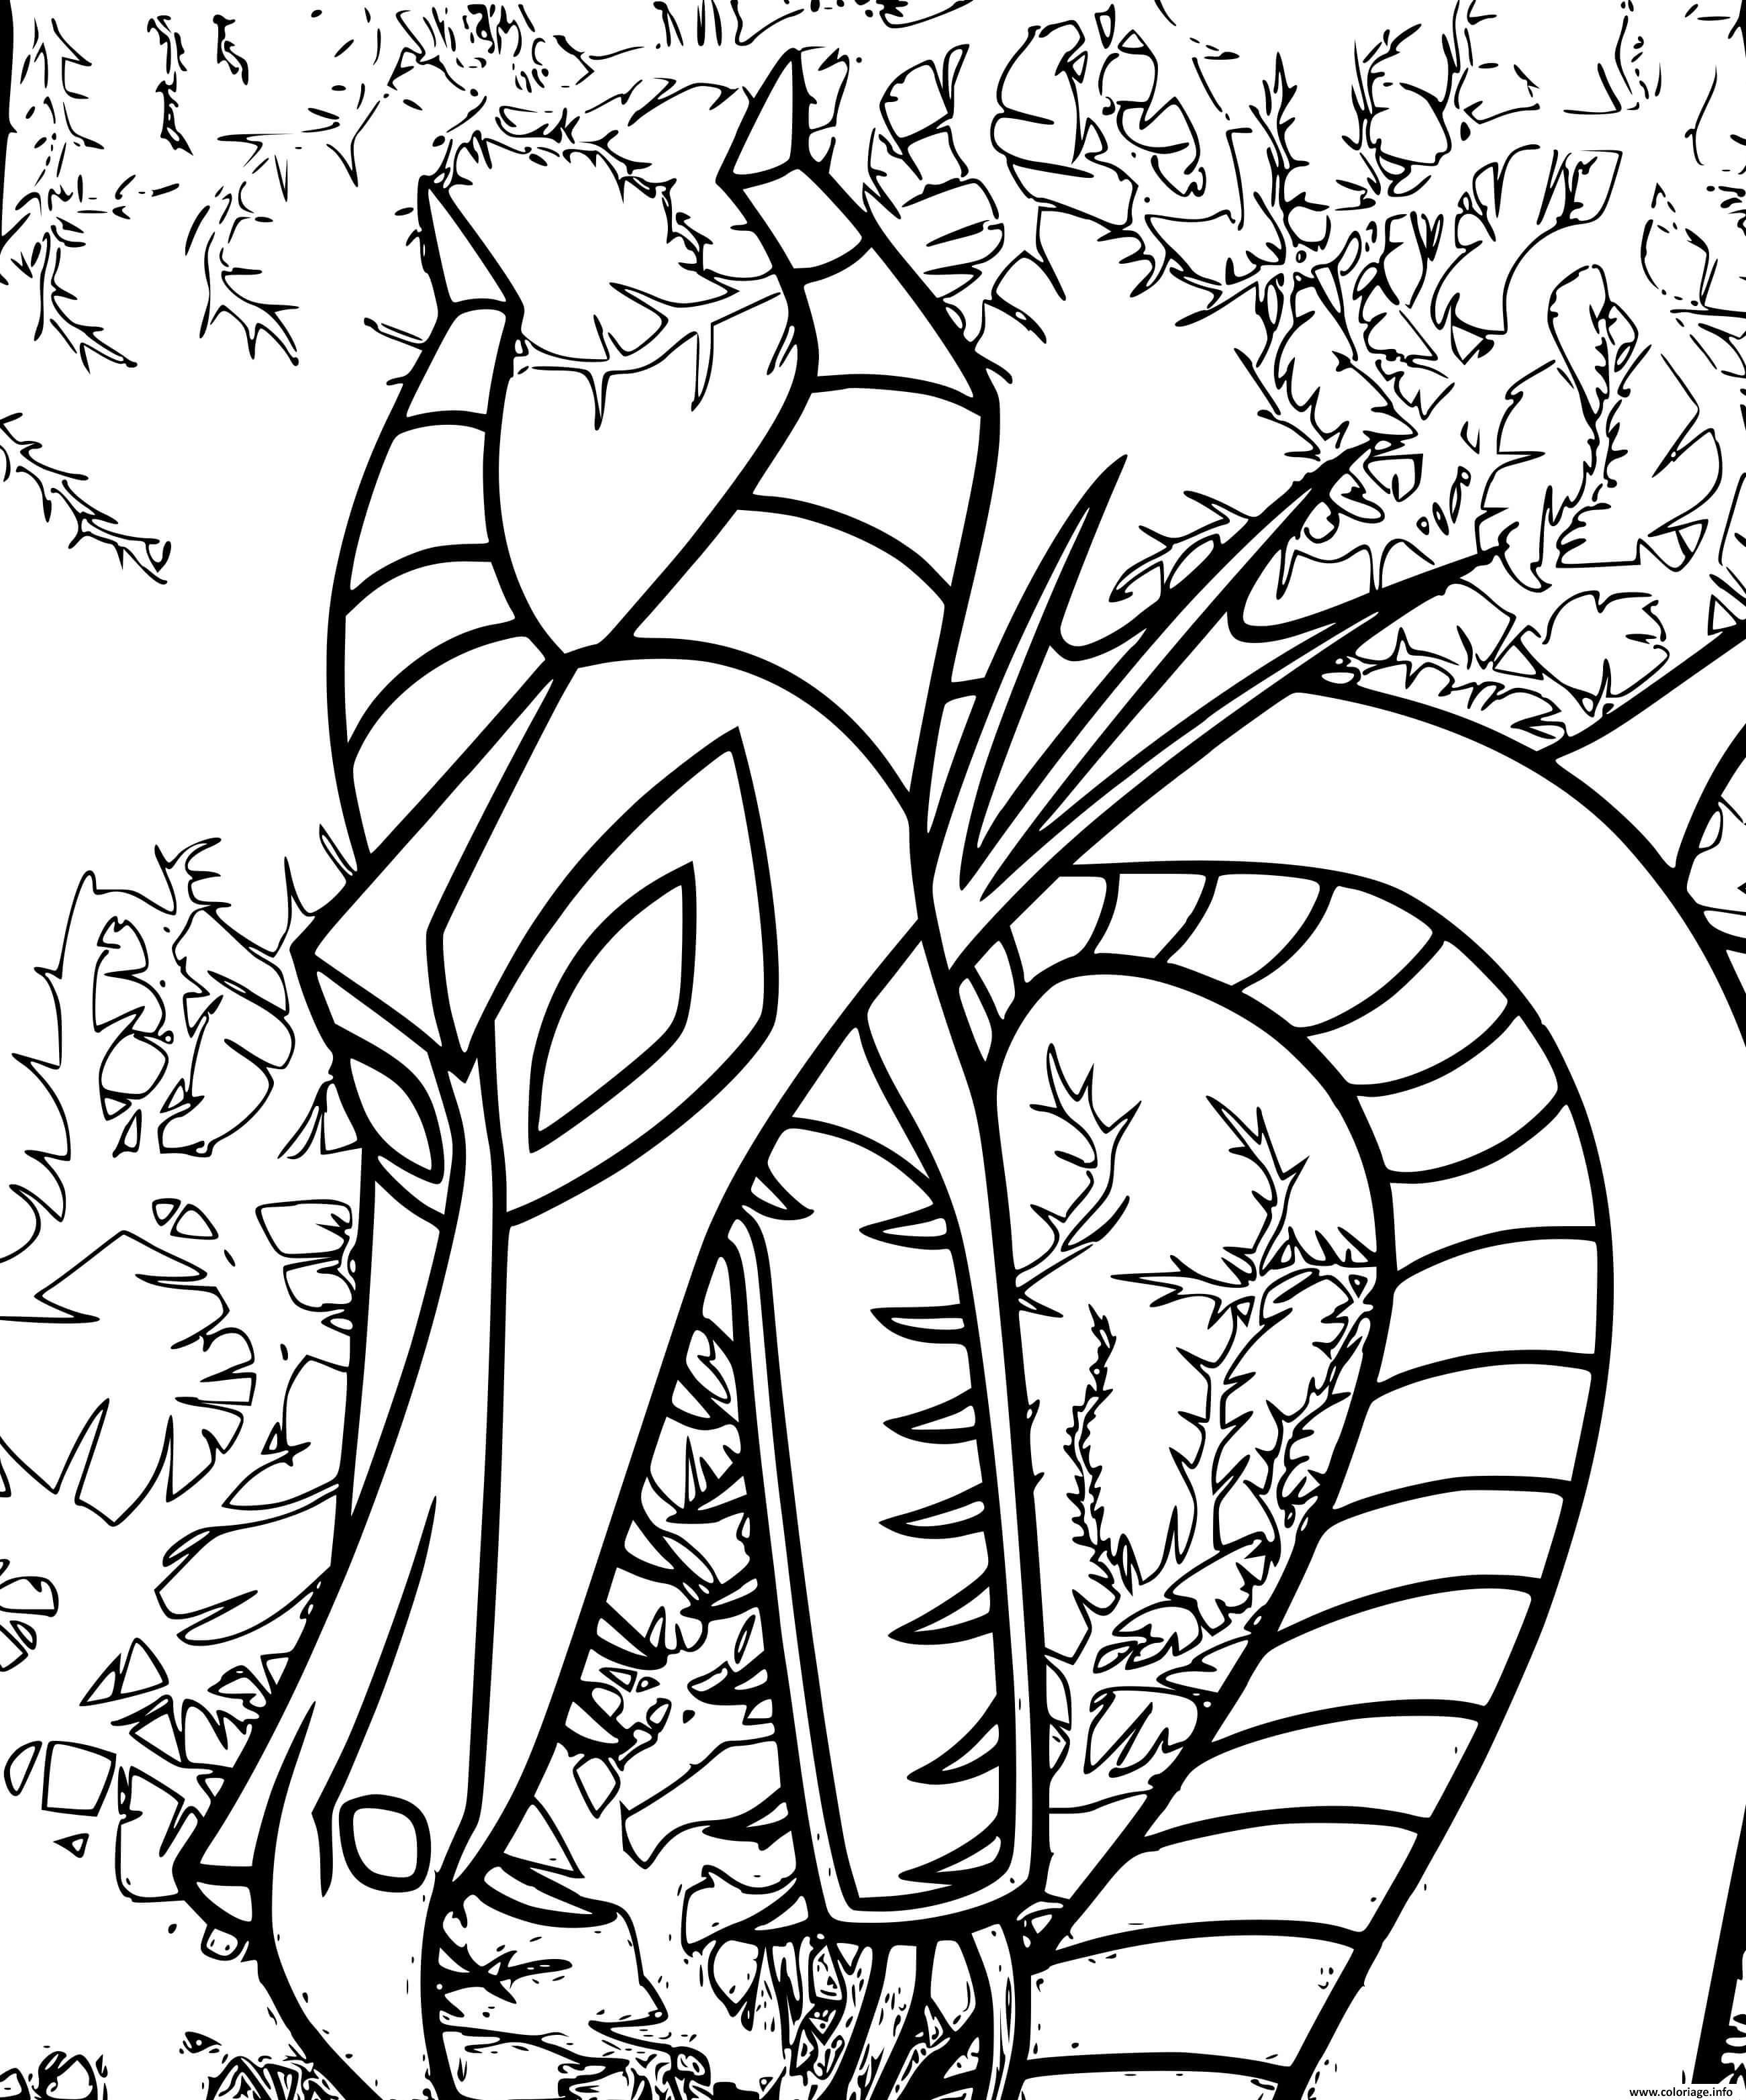 Dessin dragon malefique la belle au bois dormant Coloriage Gratuit à Imprimer